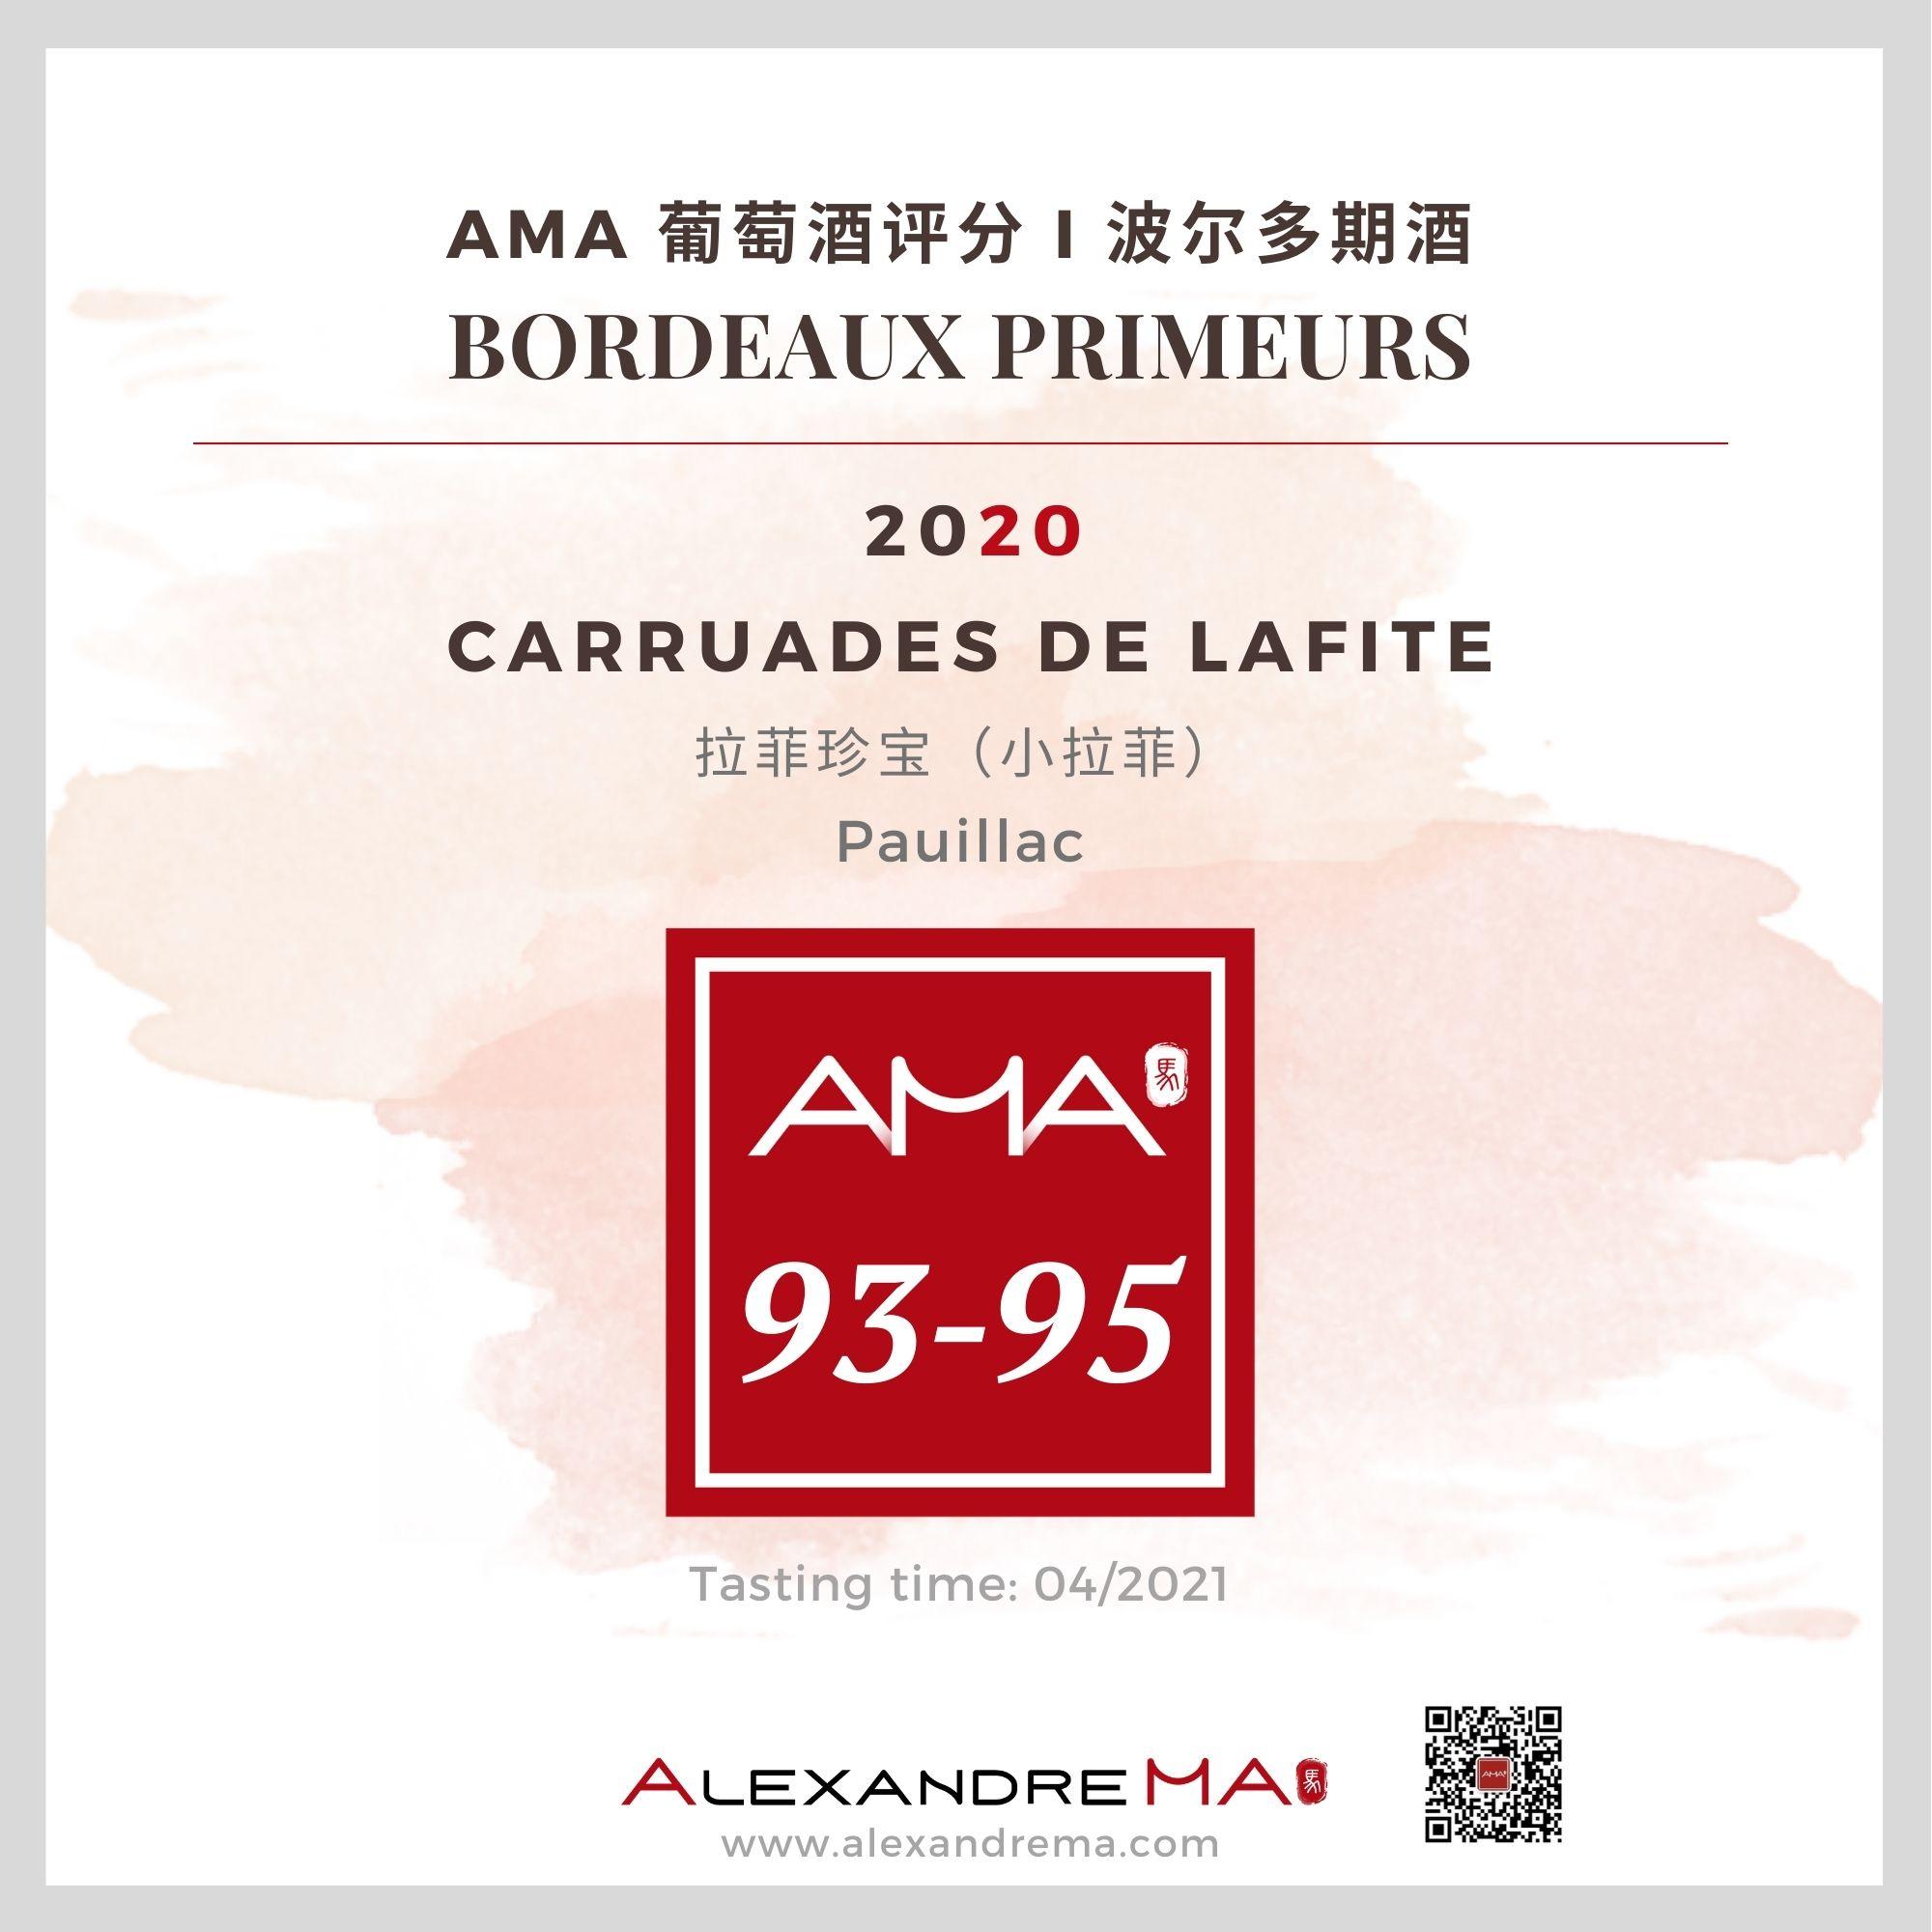 Château Lafite Rothschild – Carruades de Lafite 2020 拉菲珍宝 - Alexandre Ma